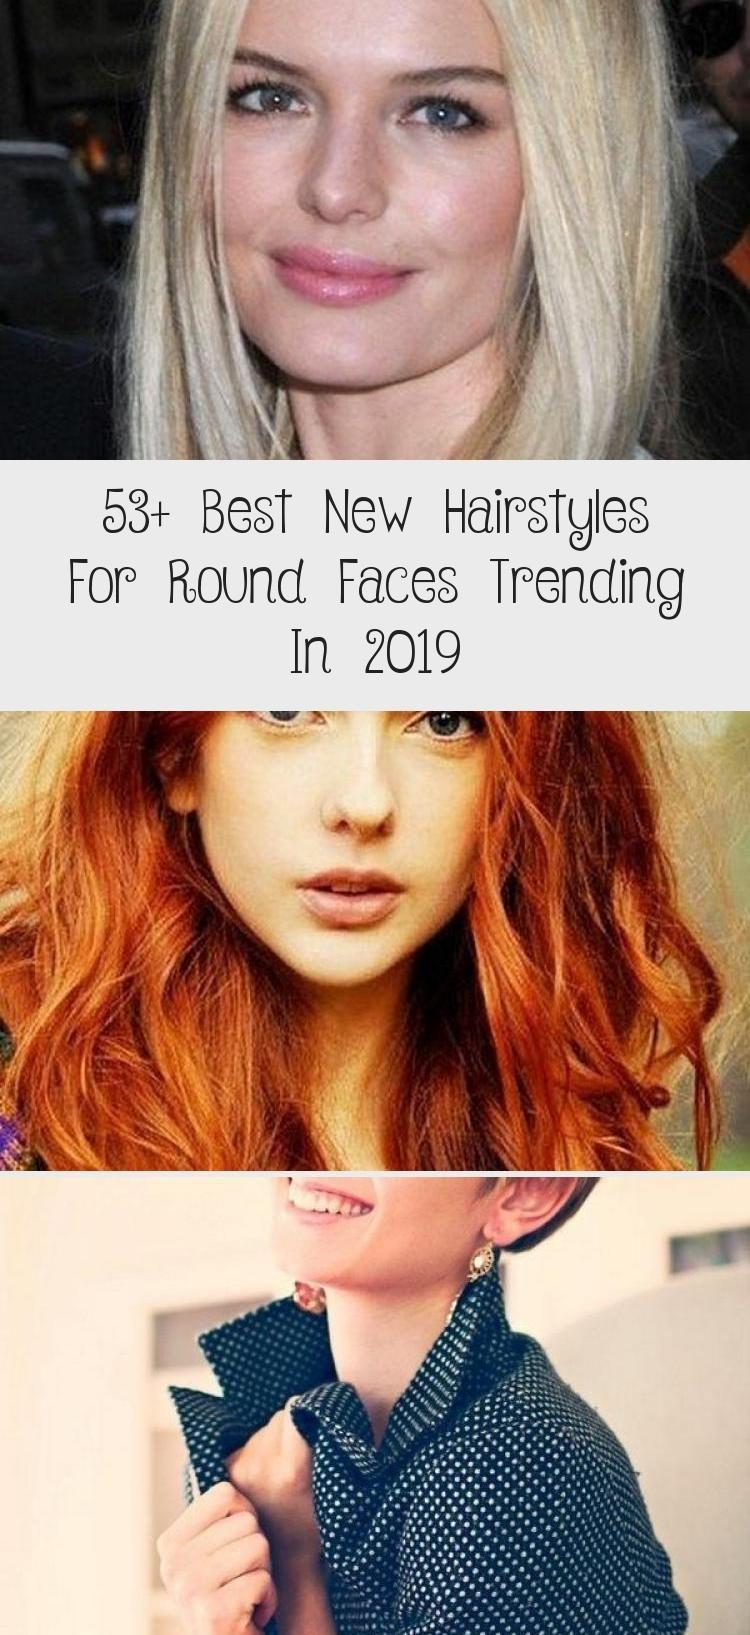 53+ Beste neue Frisuren für runde Gesichter im Trend 2019 #FancyHairstylesforroun …